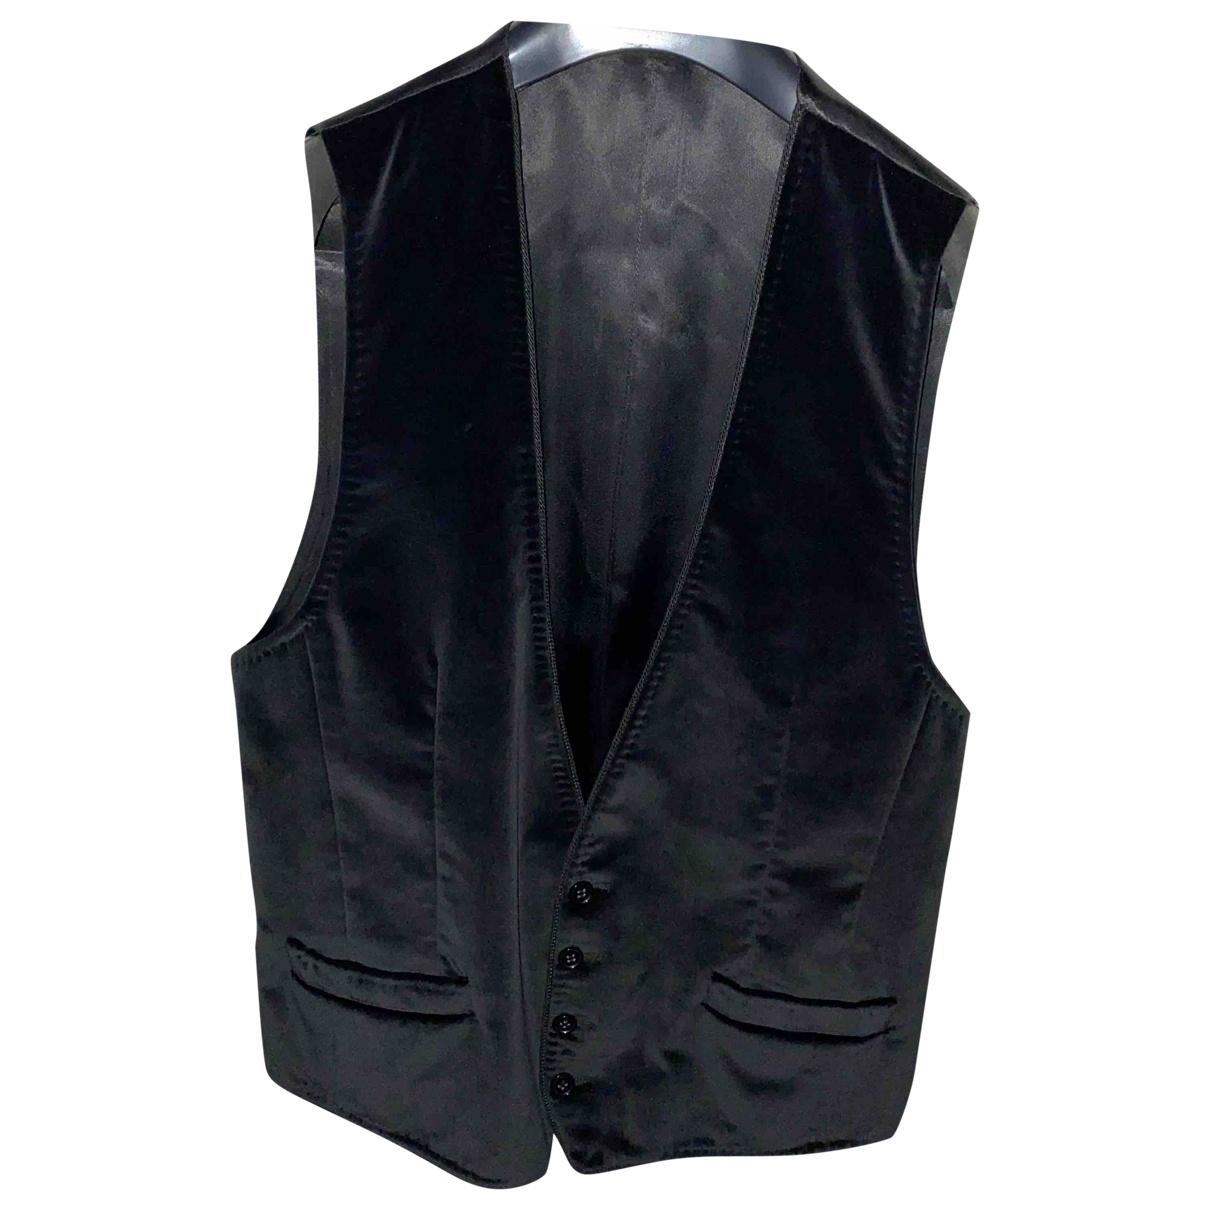 Dolce & Gabbana - Vestes.Blousons   pour homme en velours - noir